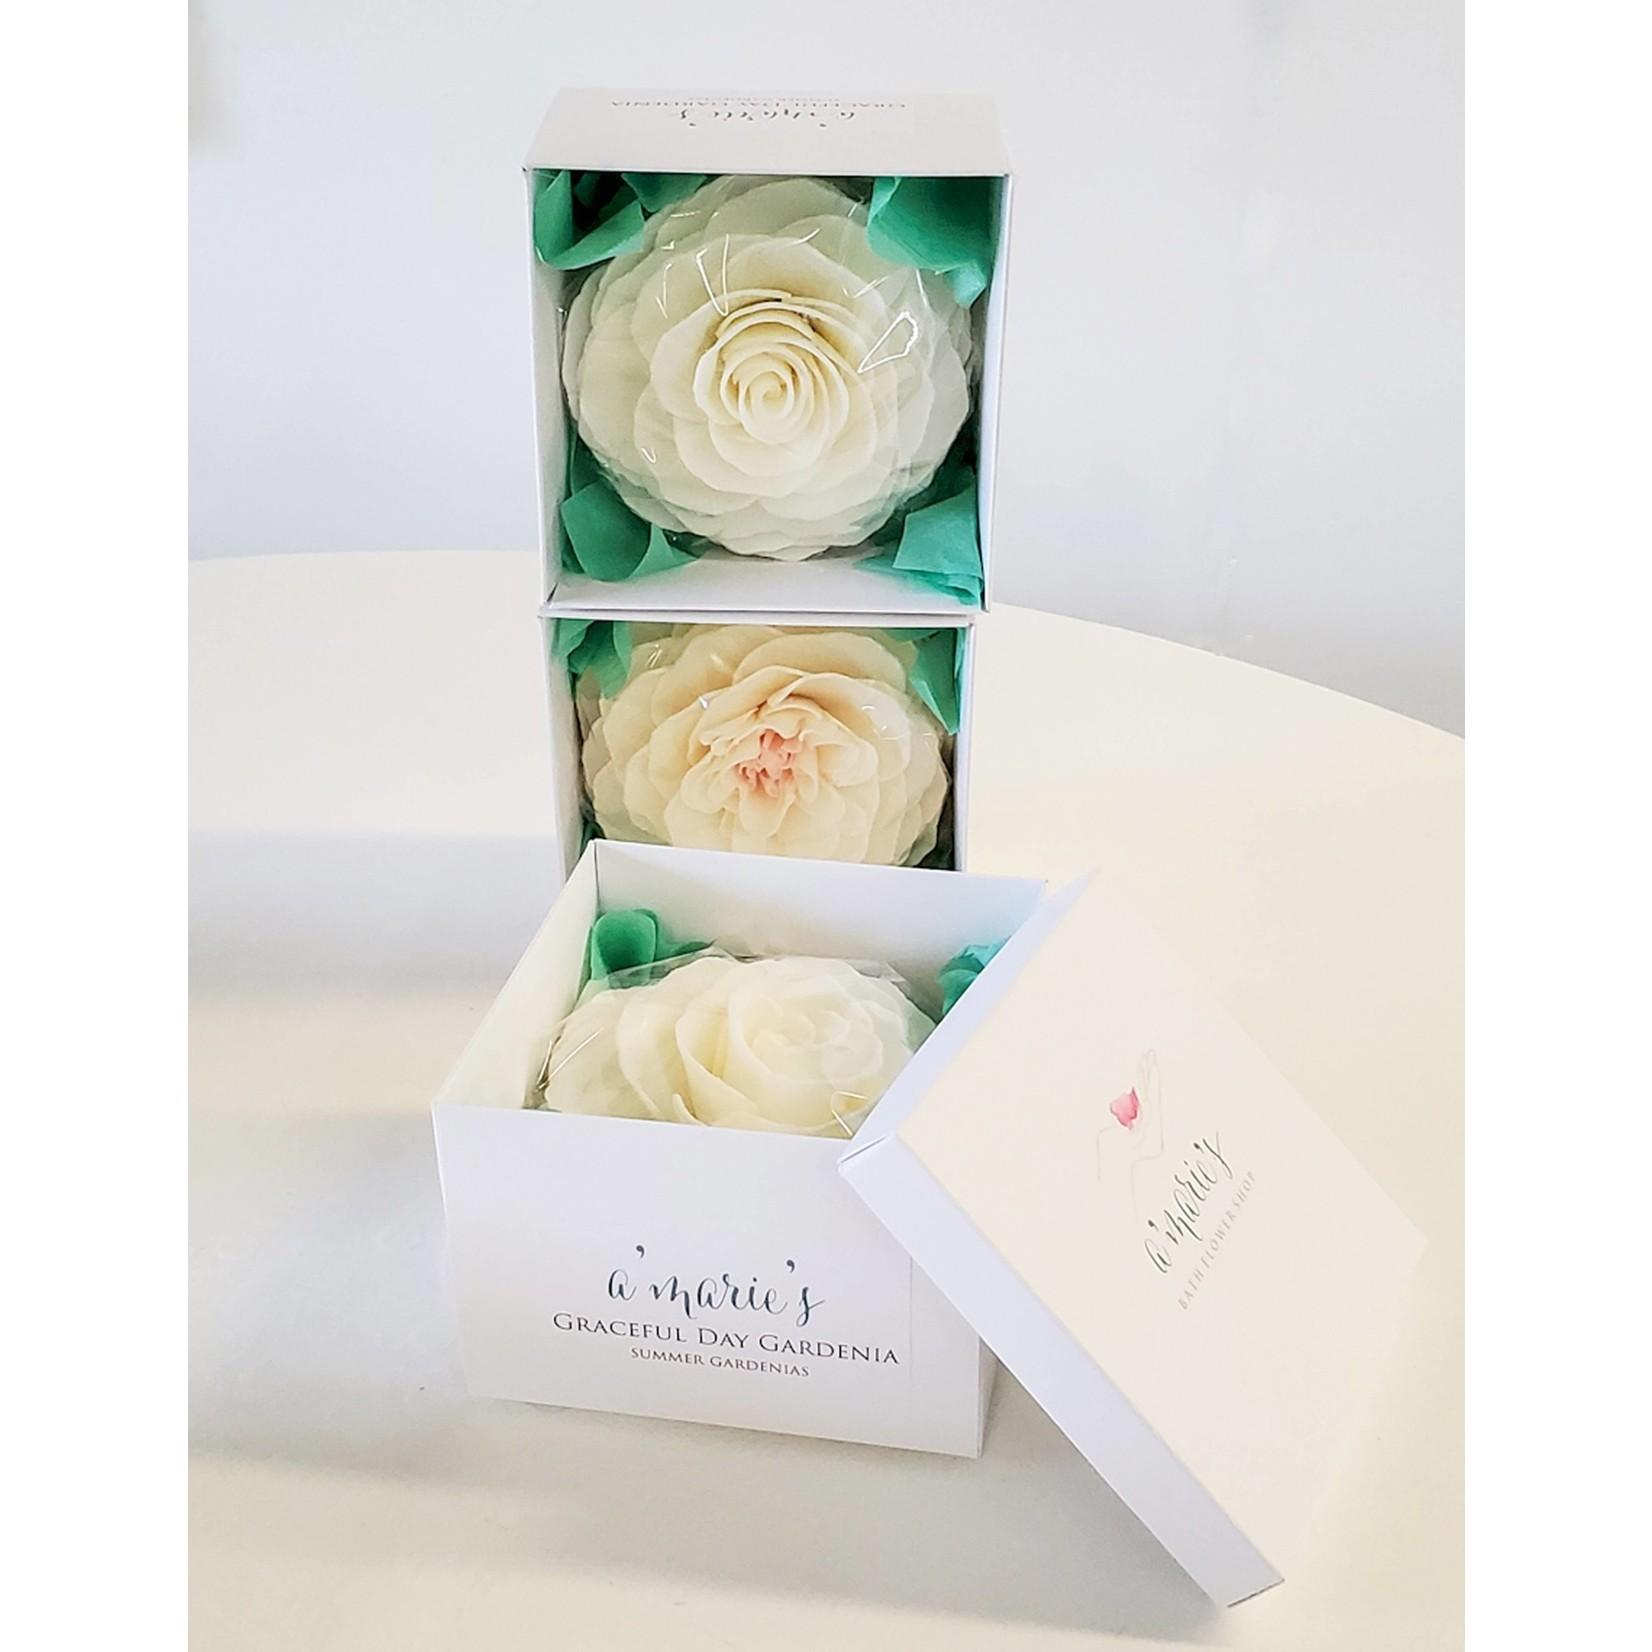 A'marie's Bath Flower Shop Graceful Day Gardenia Bathing Petal Soap Flower